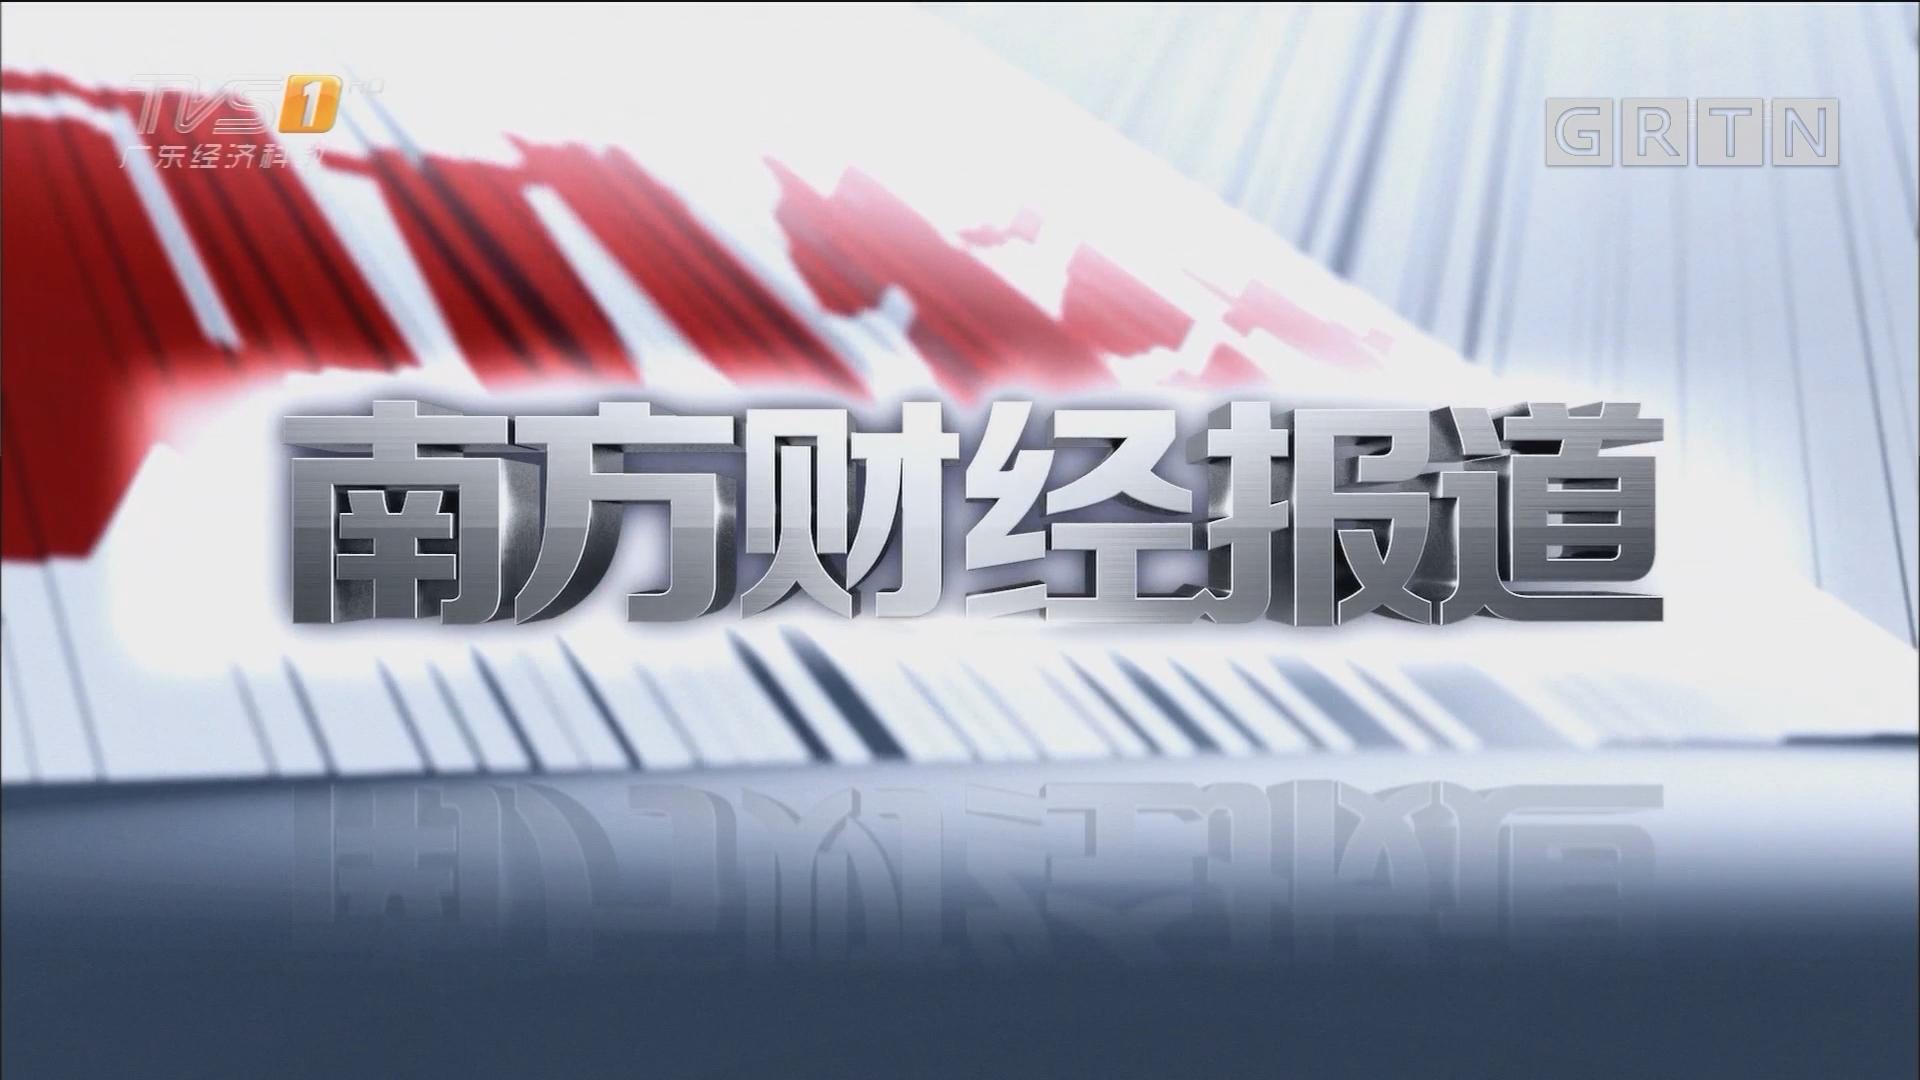 [HD][2017-10-18]南方财经报道:中国共产党第十九次全国代表大会在京开幕 习近平代表第十八届中央委员会向大会作报告